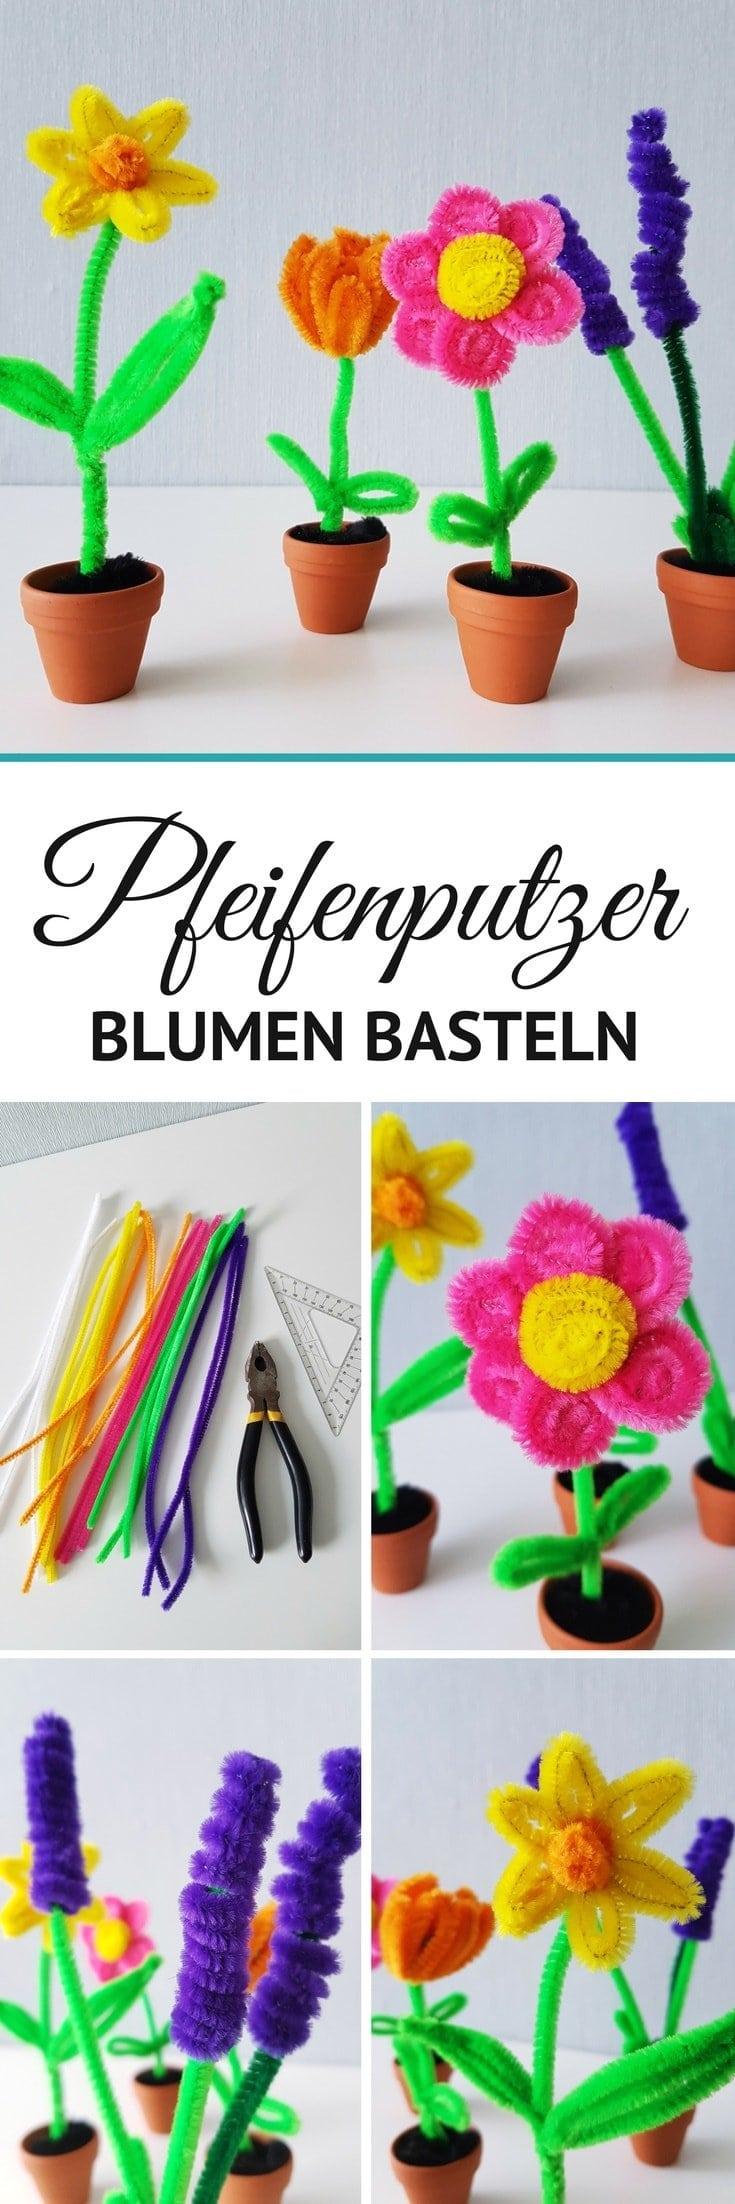 Basteln mit Pfeifenreiniger: Frühling Blumen basteln Anleitung